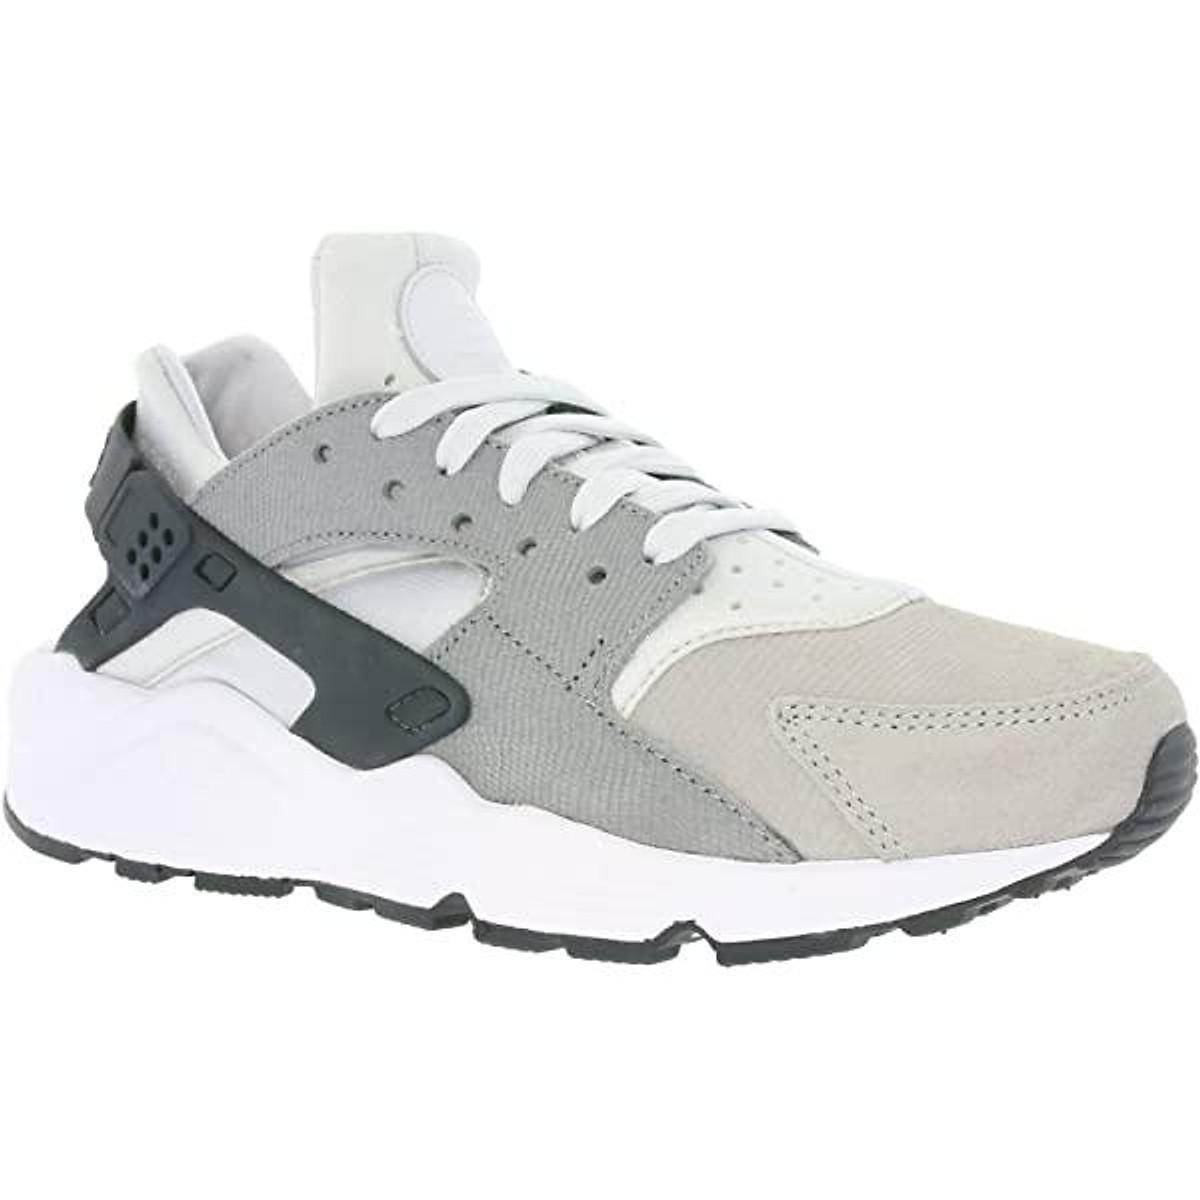 Đánh giá chi tiết Giày Nike nữ Air Huarache